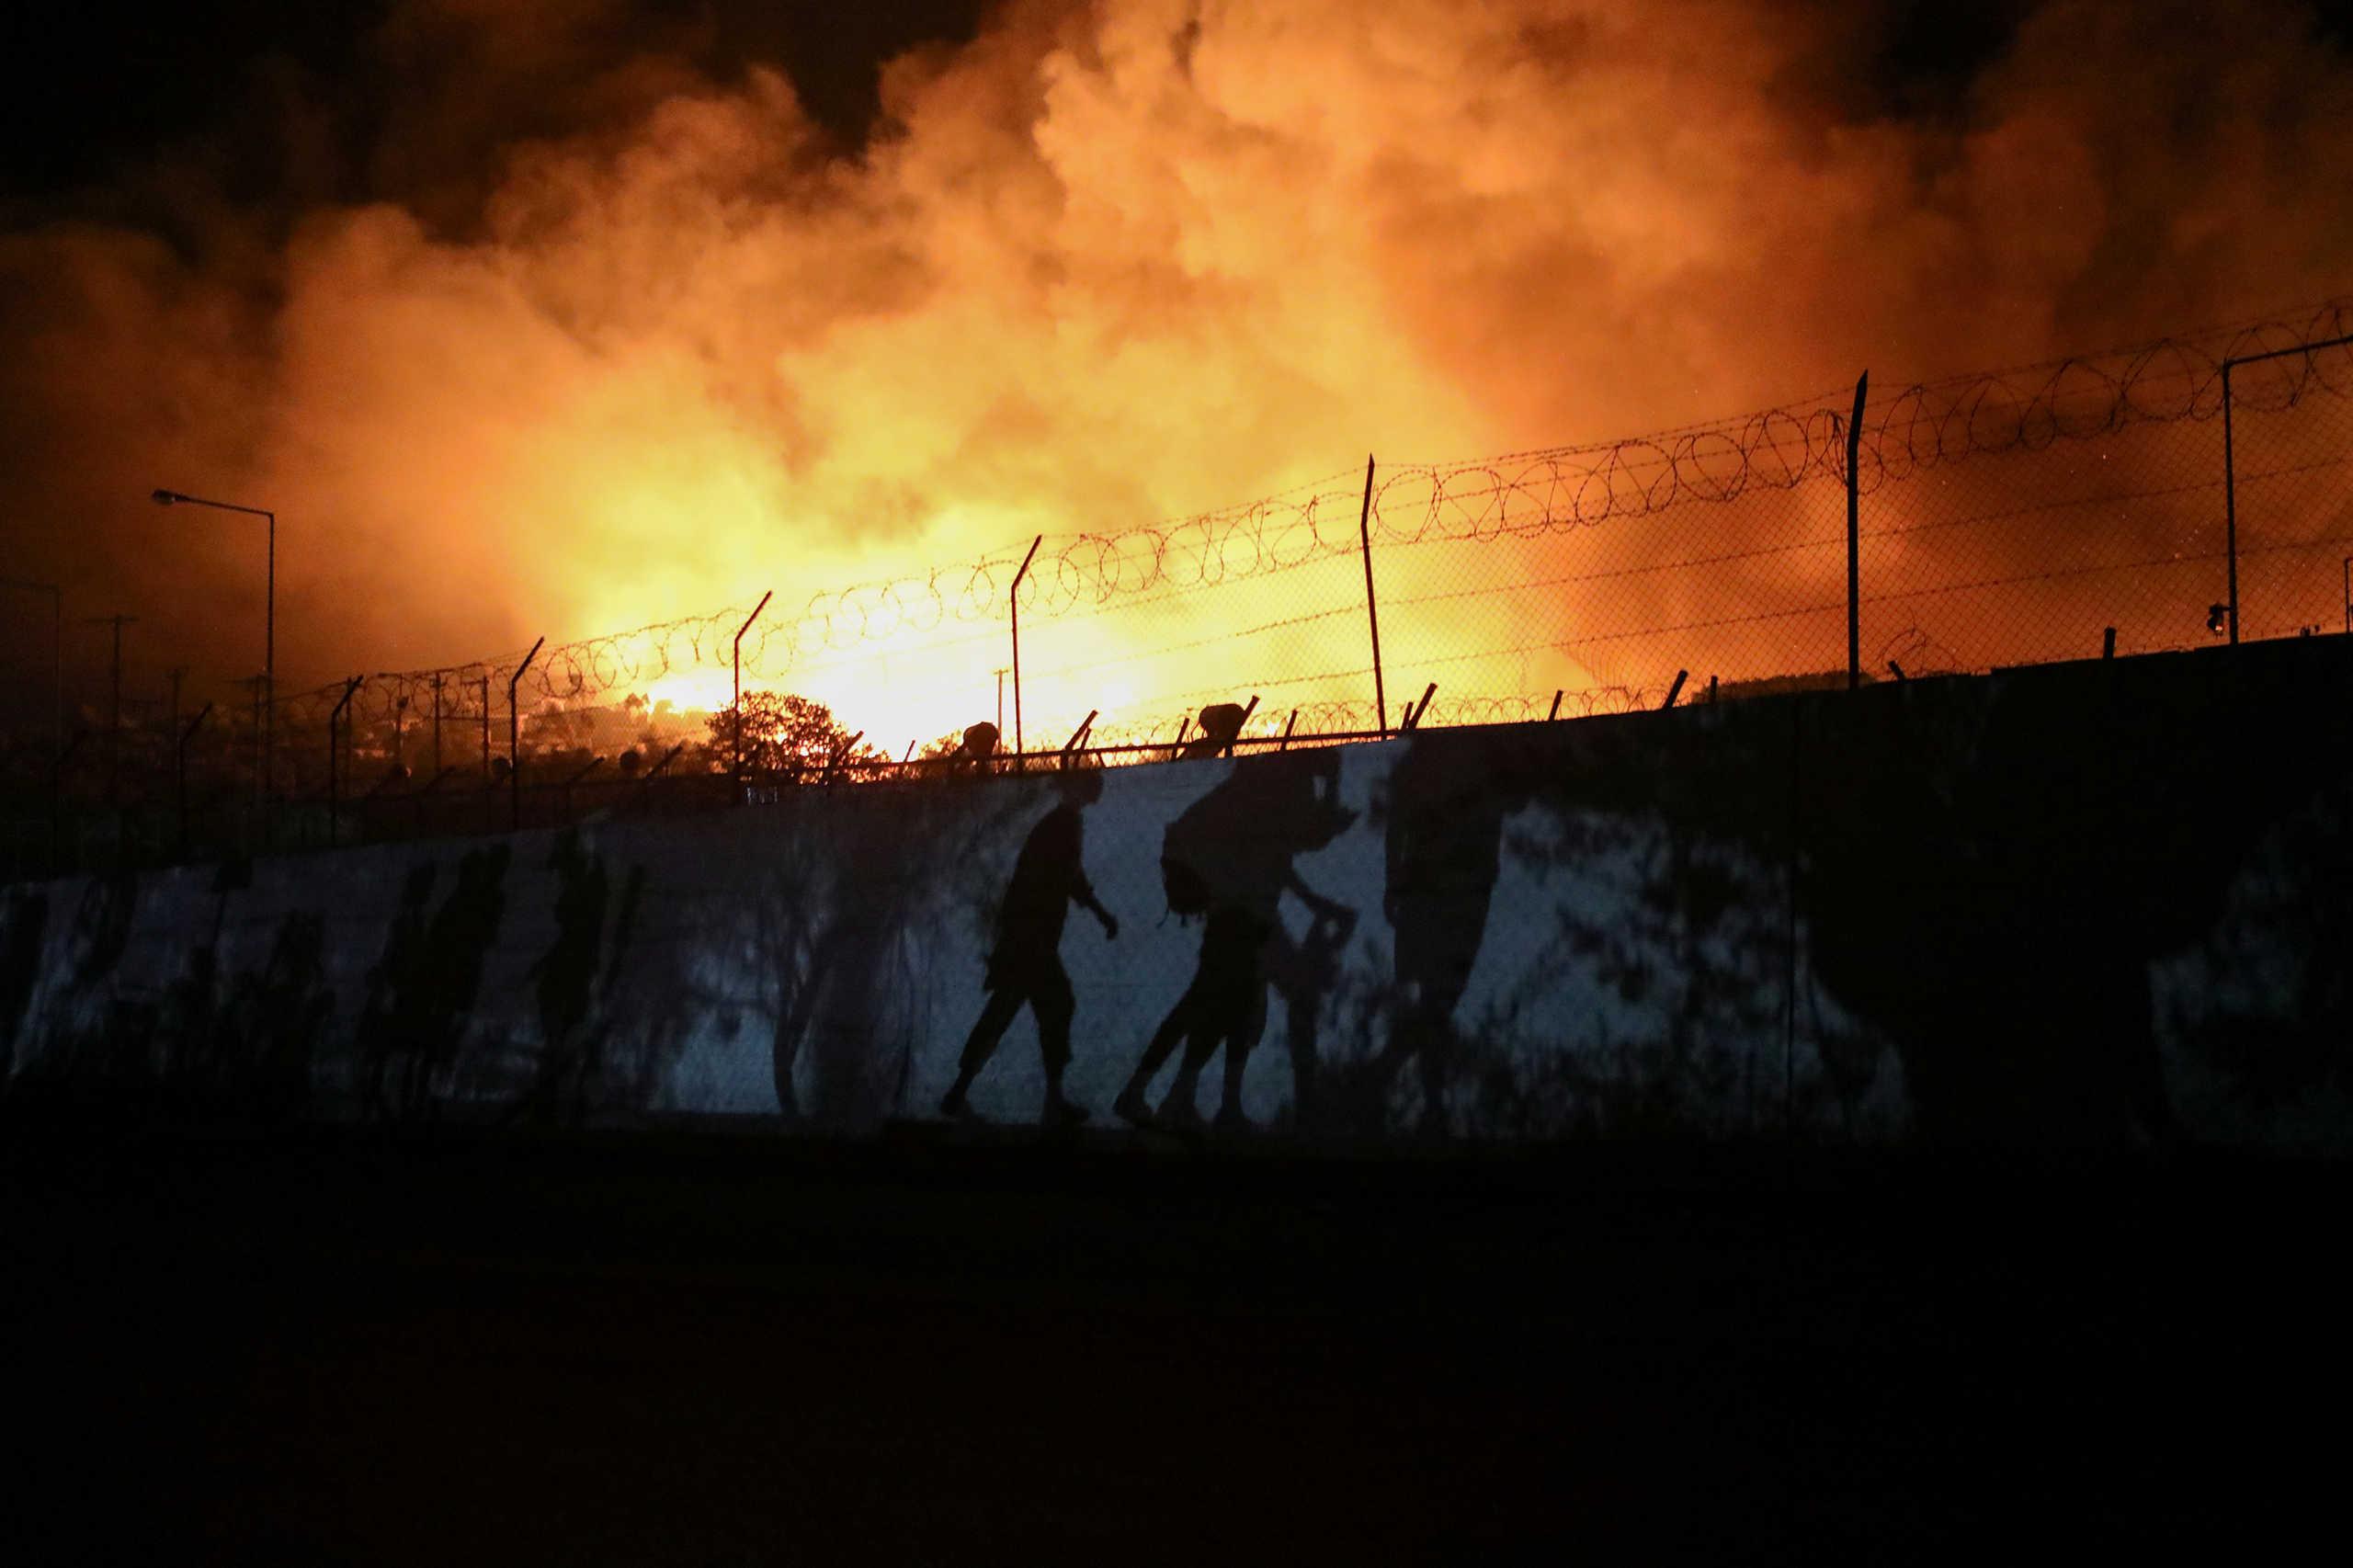 Φωτιά στη Μόρια: Εντολή να ενεργοποιηθεί η ΕΥΠ – Ψάχνουν αν υπάρχει προβοκάτσια